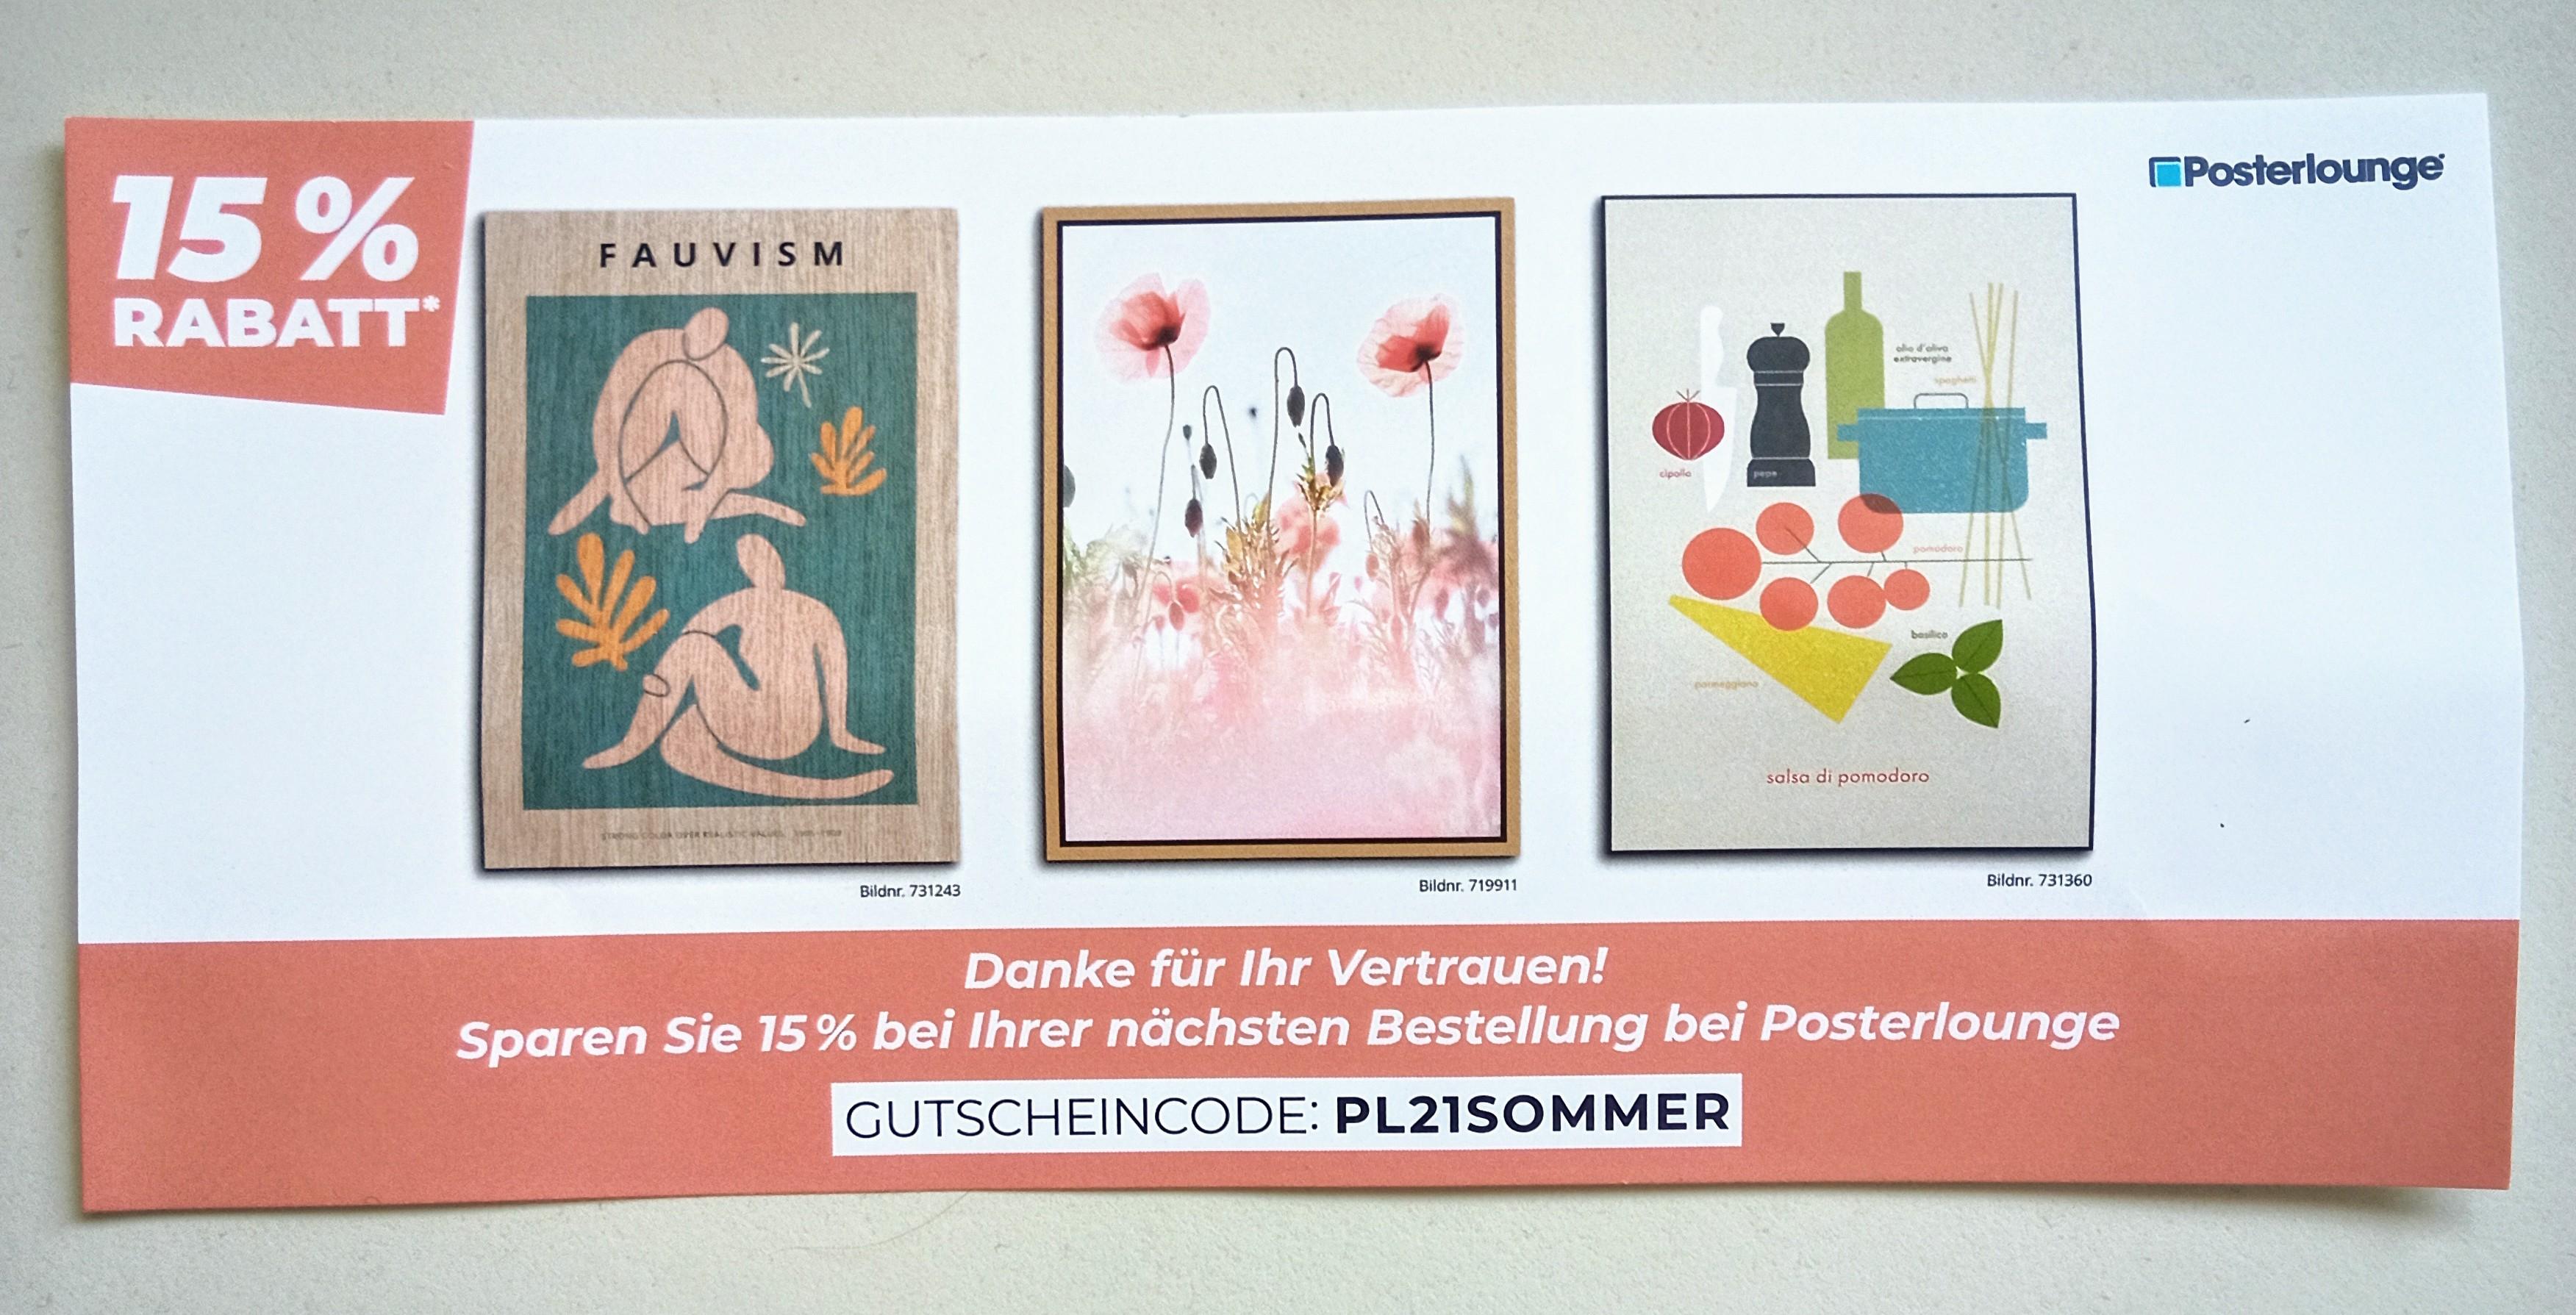 15% Rabatt bei Posterlounge.de (auch Bestandskunden)